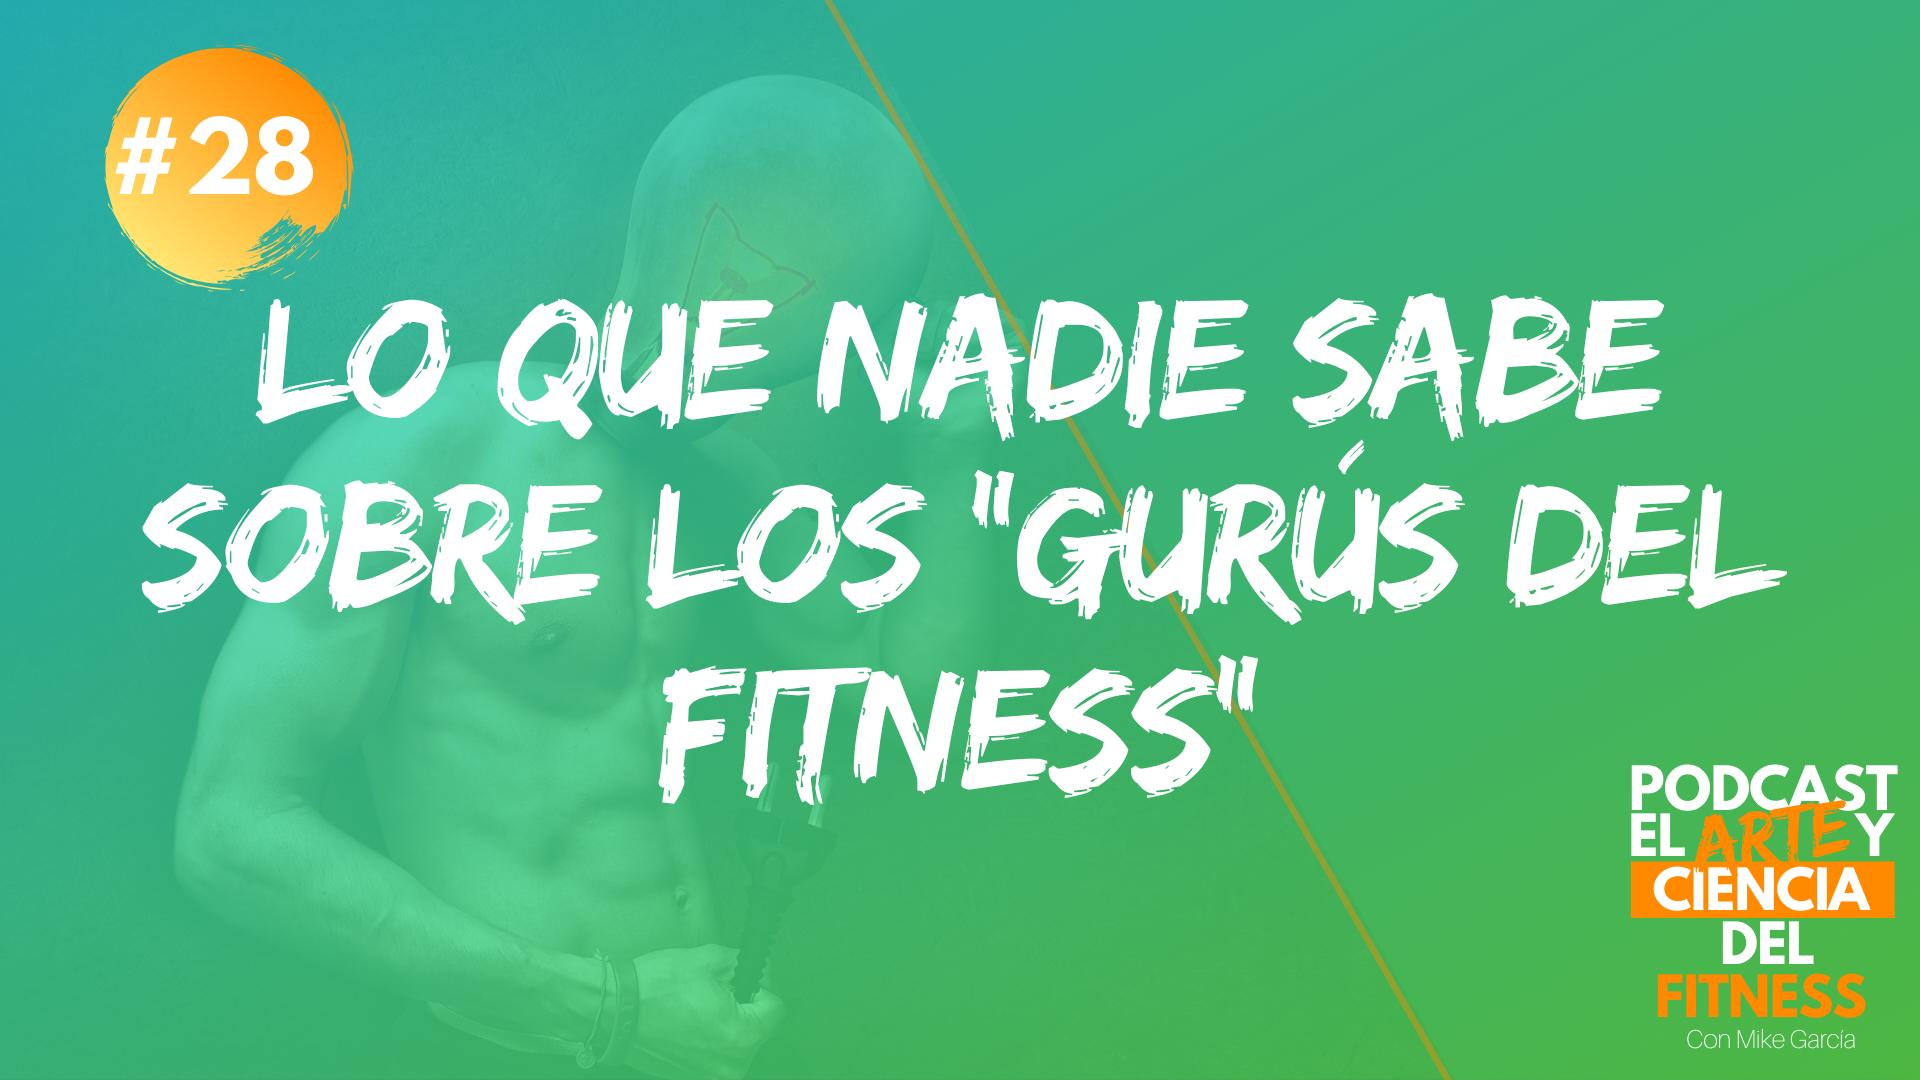 Podcast #28: Lo Que Nadie Sabe Sobre Los Gurús Del Fitness